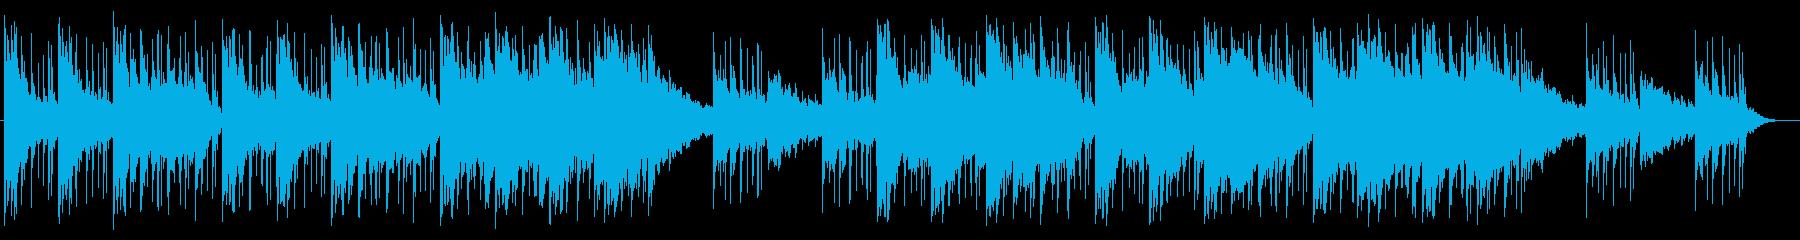 幻想的で優雅なピアノメロディーの再生済みの波形